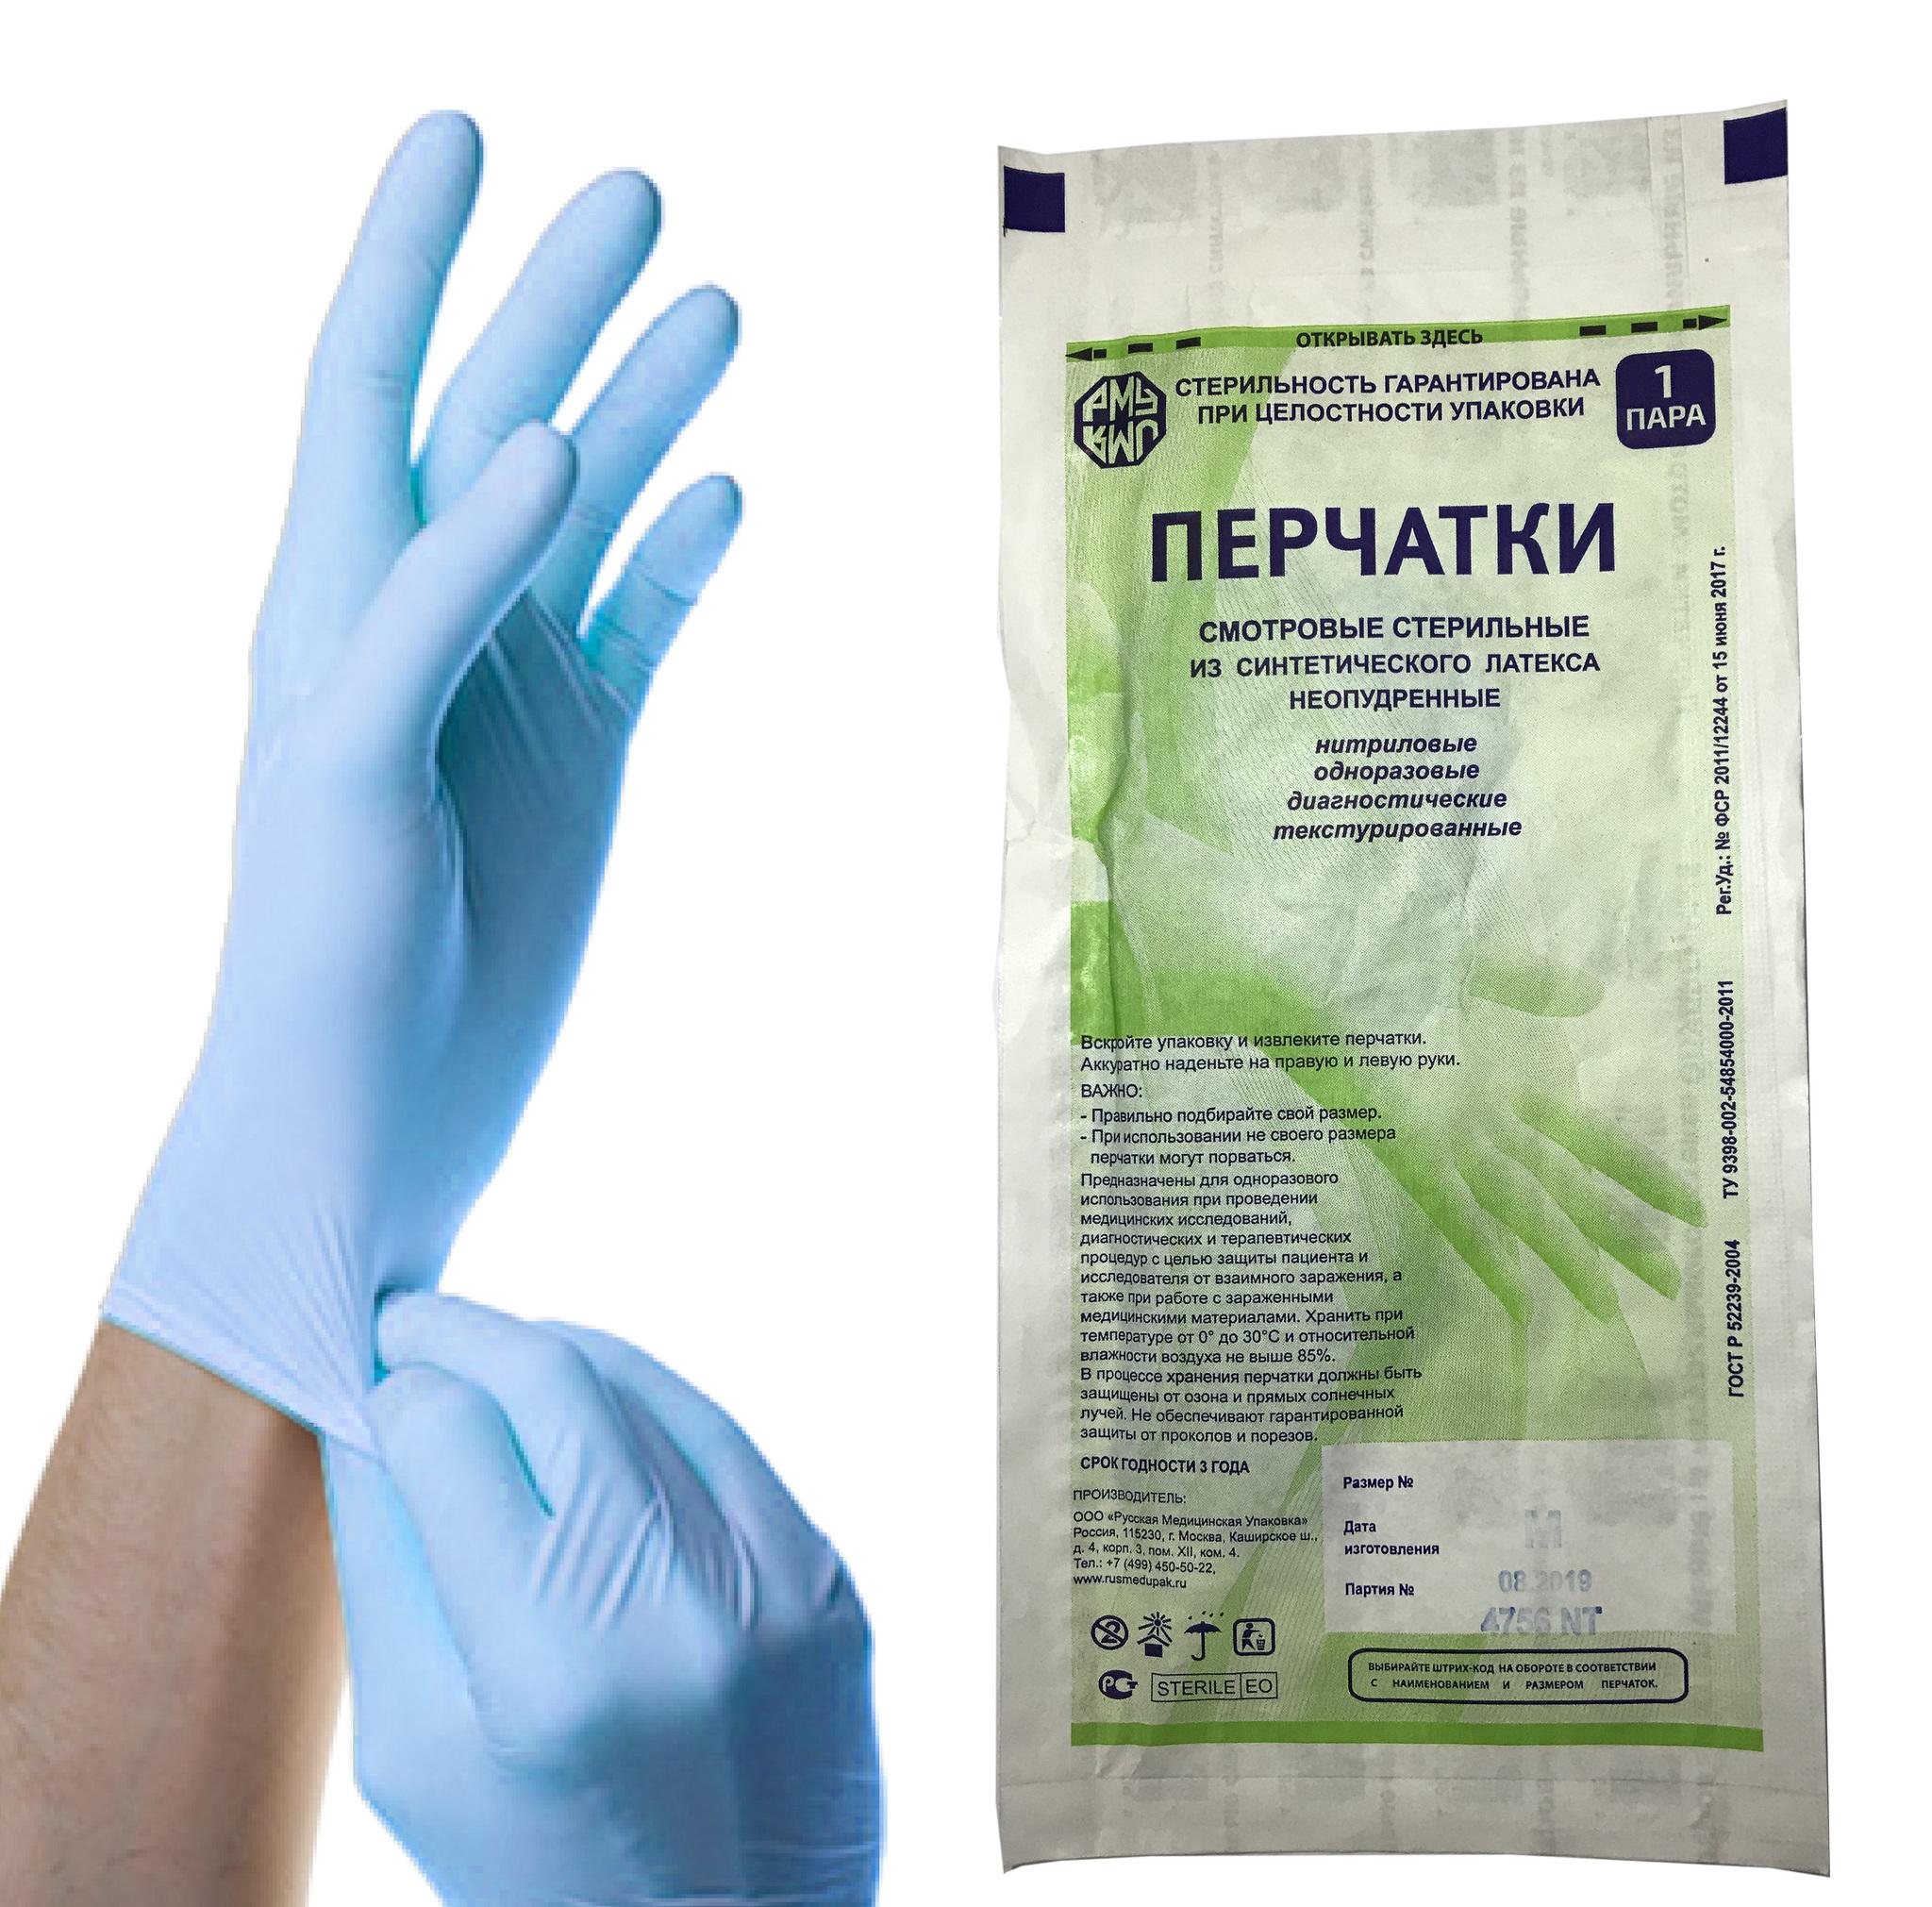 Купить РМУ3, Перчатки стерильные смотровые нитриловые РМУ 50 пар XL